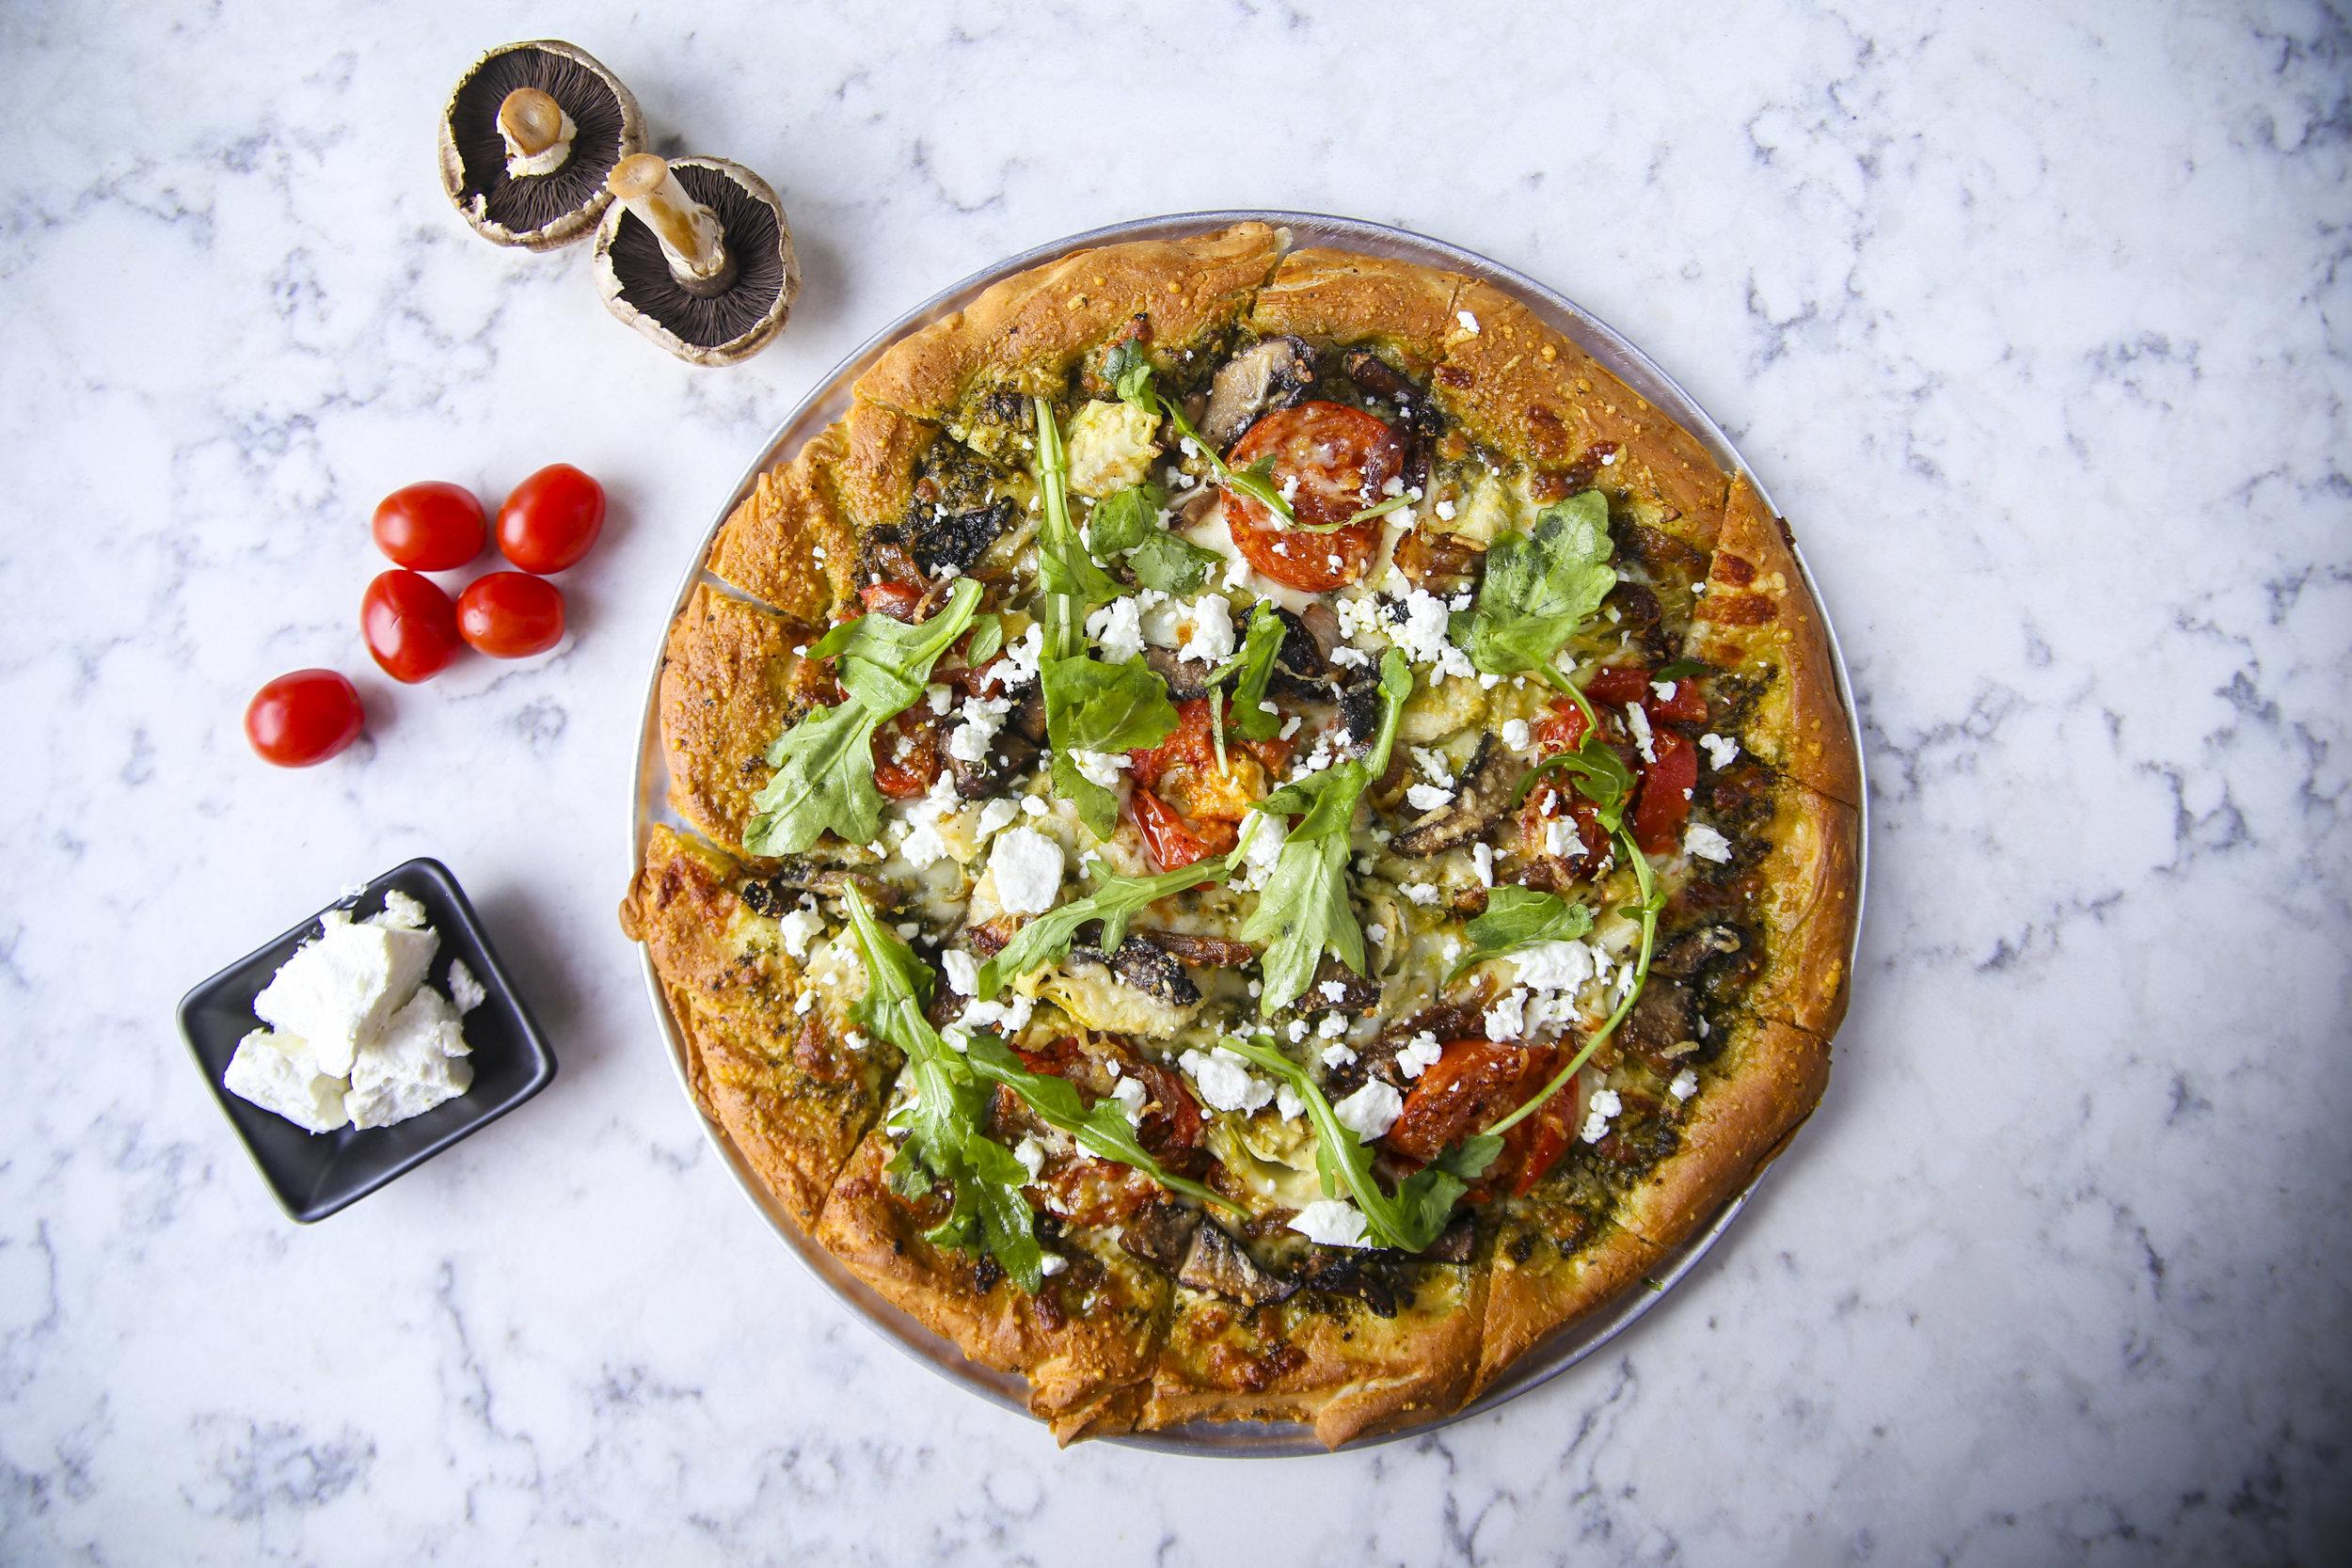 ROASTED VEGETABLE & PESTO PIZZA